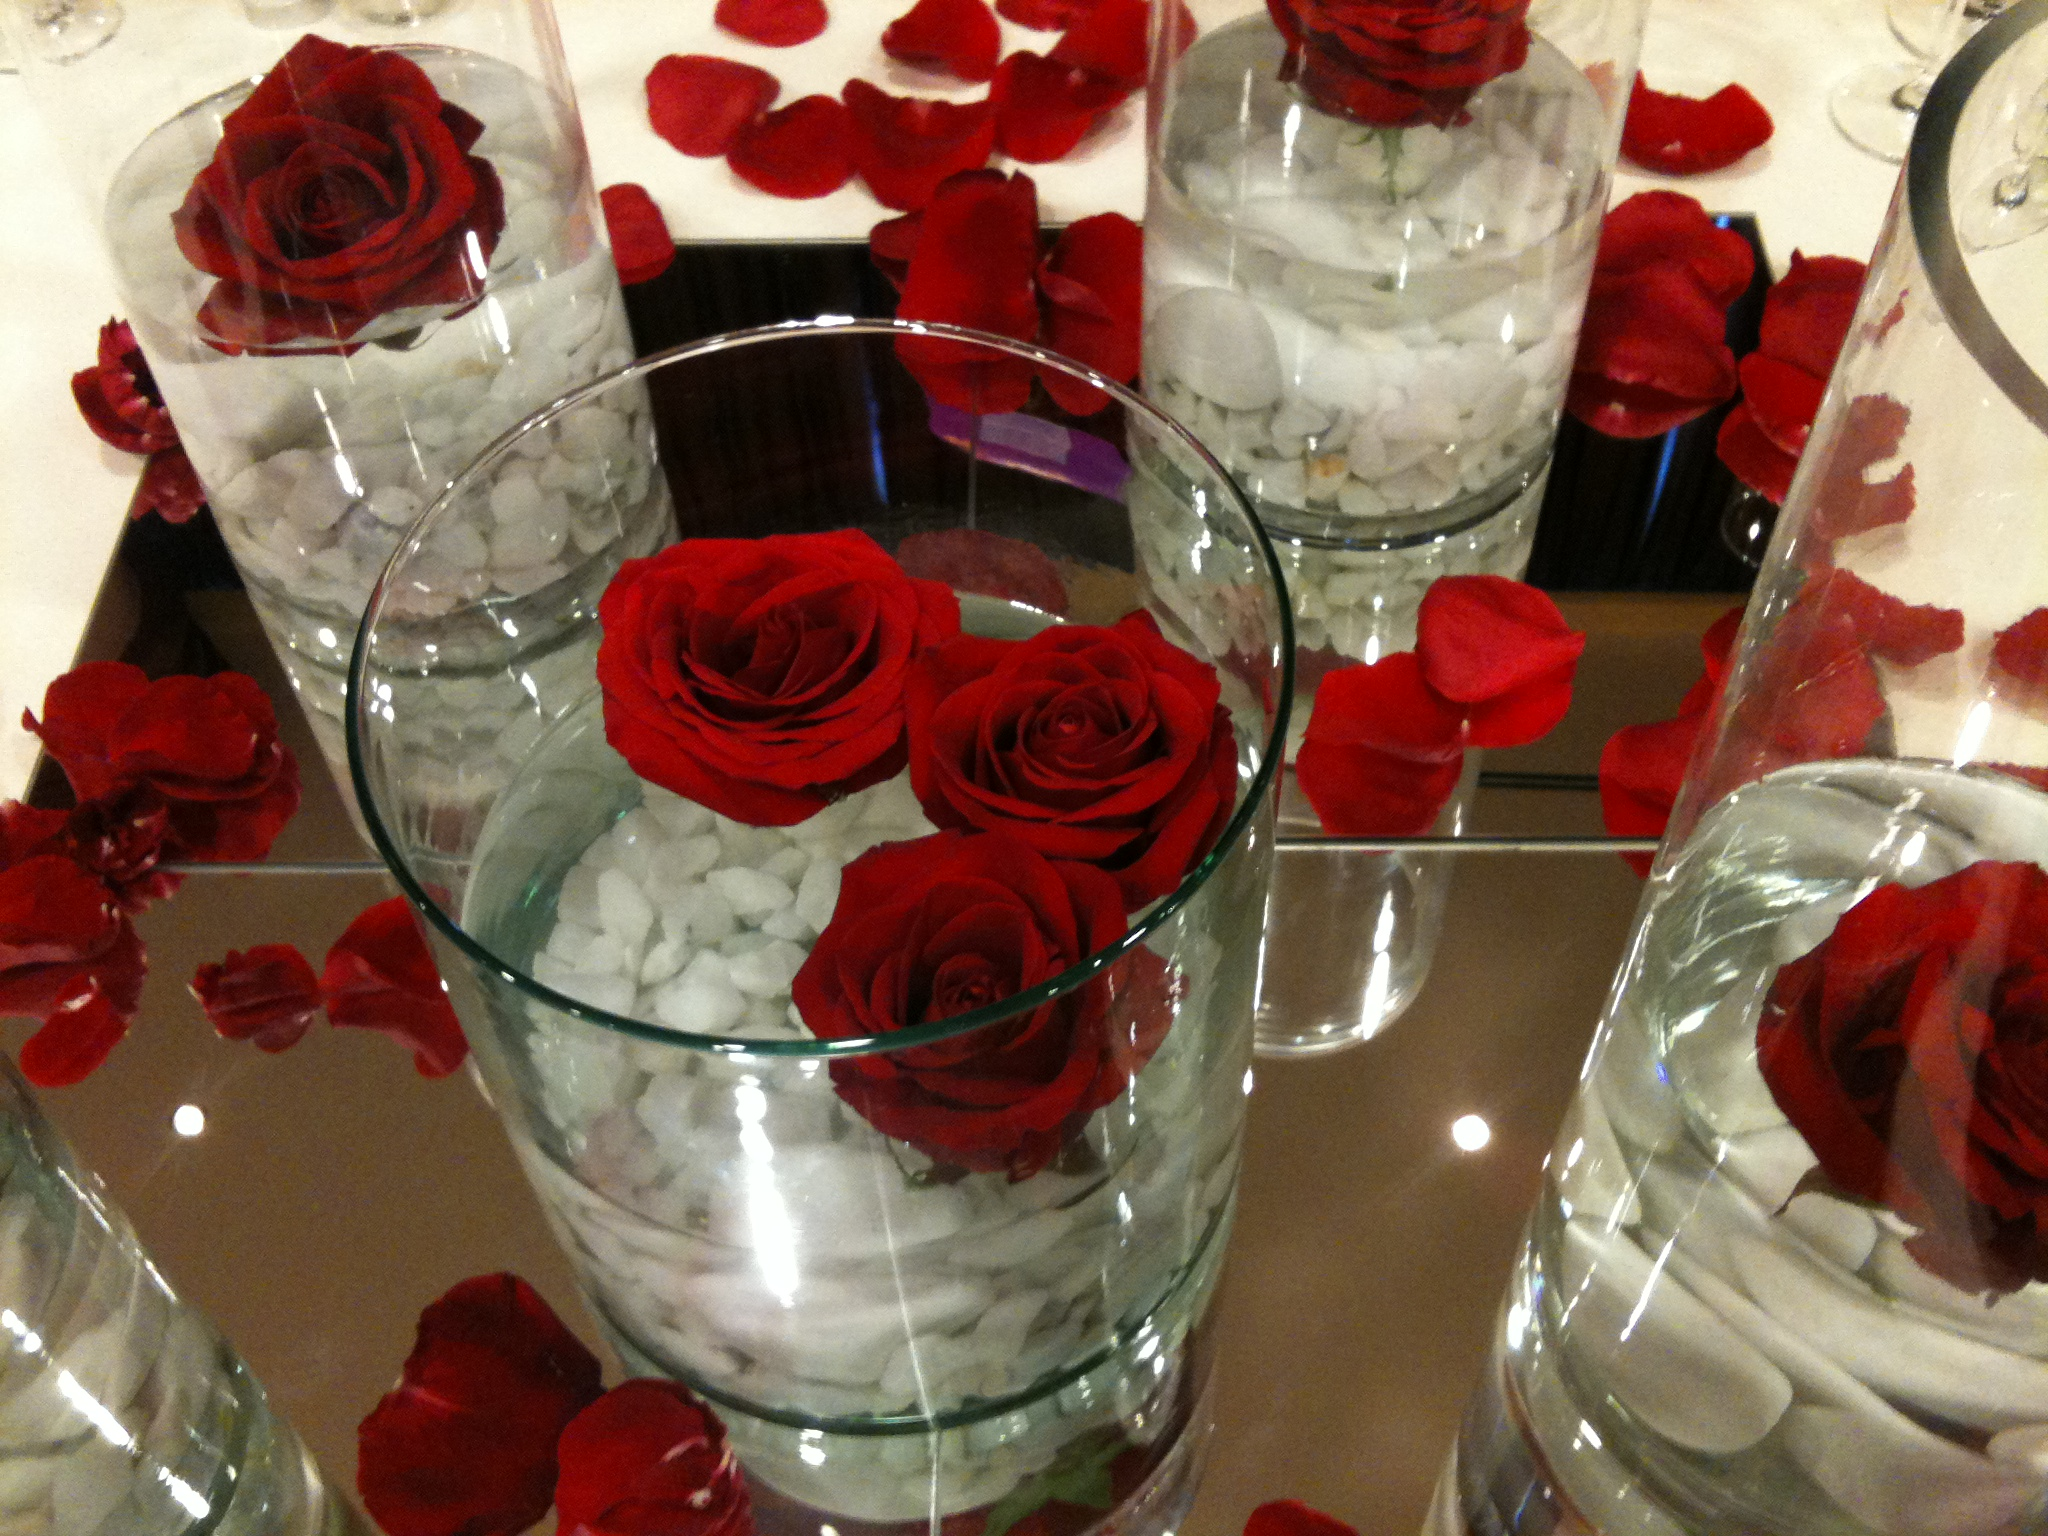 Flores en centro de mesa tattoo design bild - Centros de mesa con flores ...